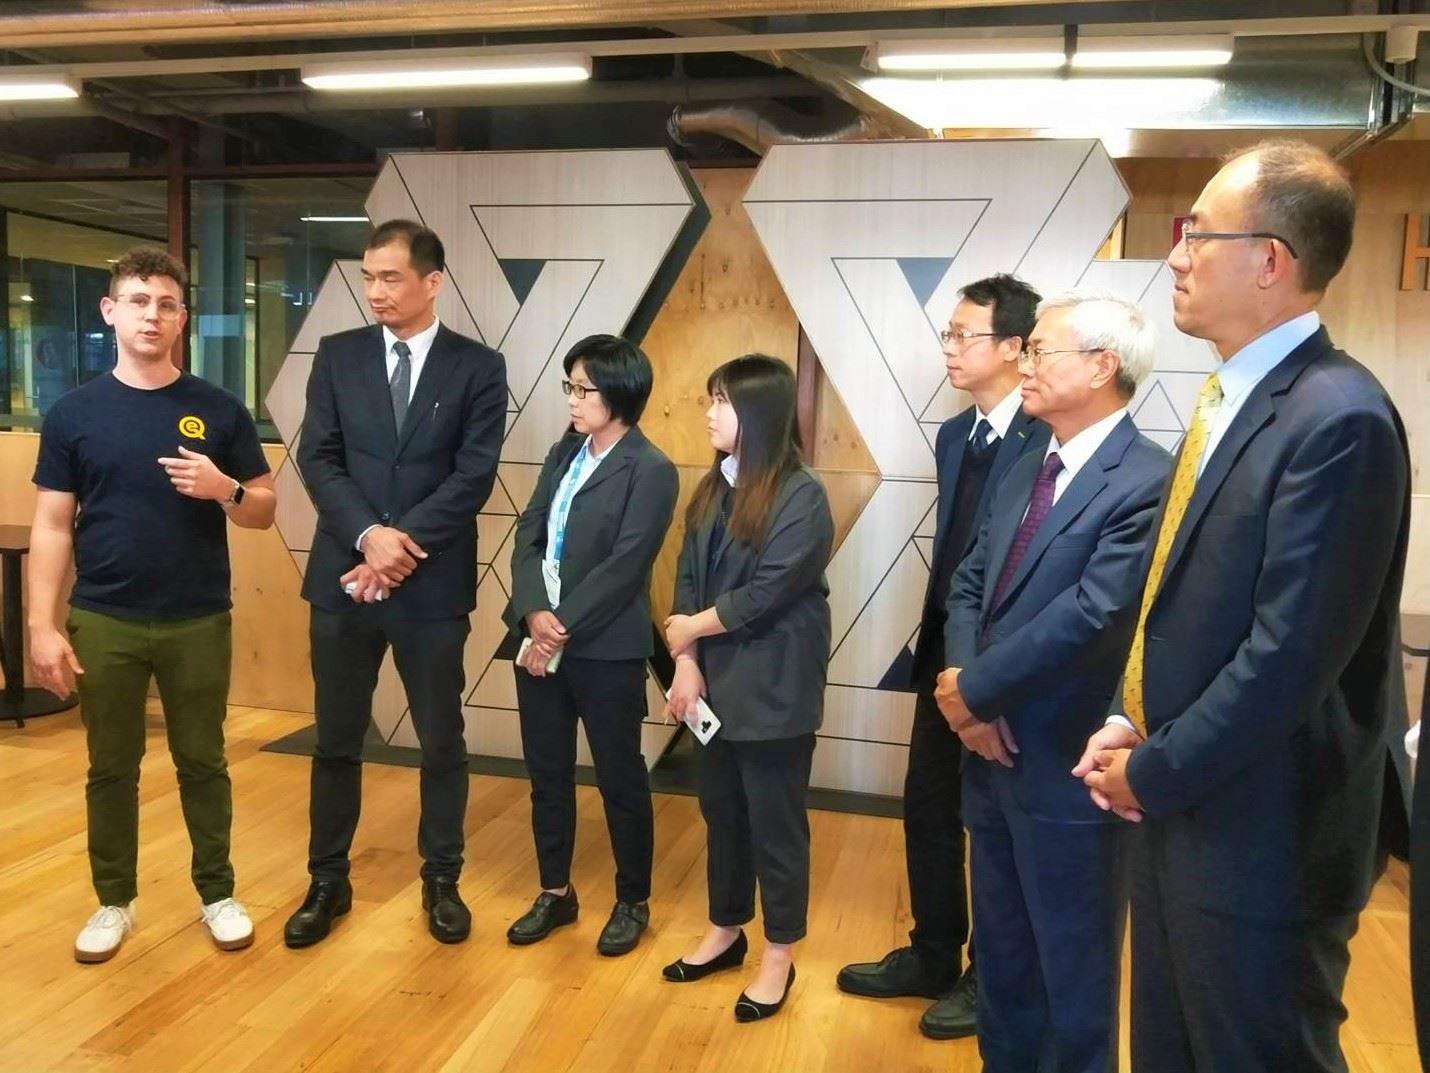 訪團參訪「Advance Queensland,AQ」創新計劃,瞭解昆士蘭州政府培植創新產業的成果.jpg